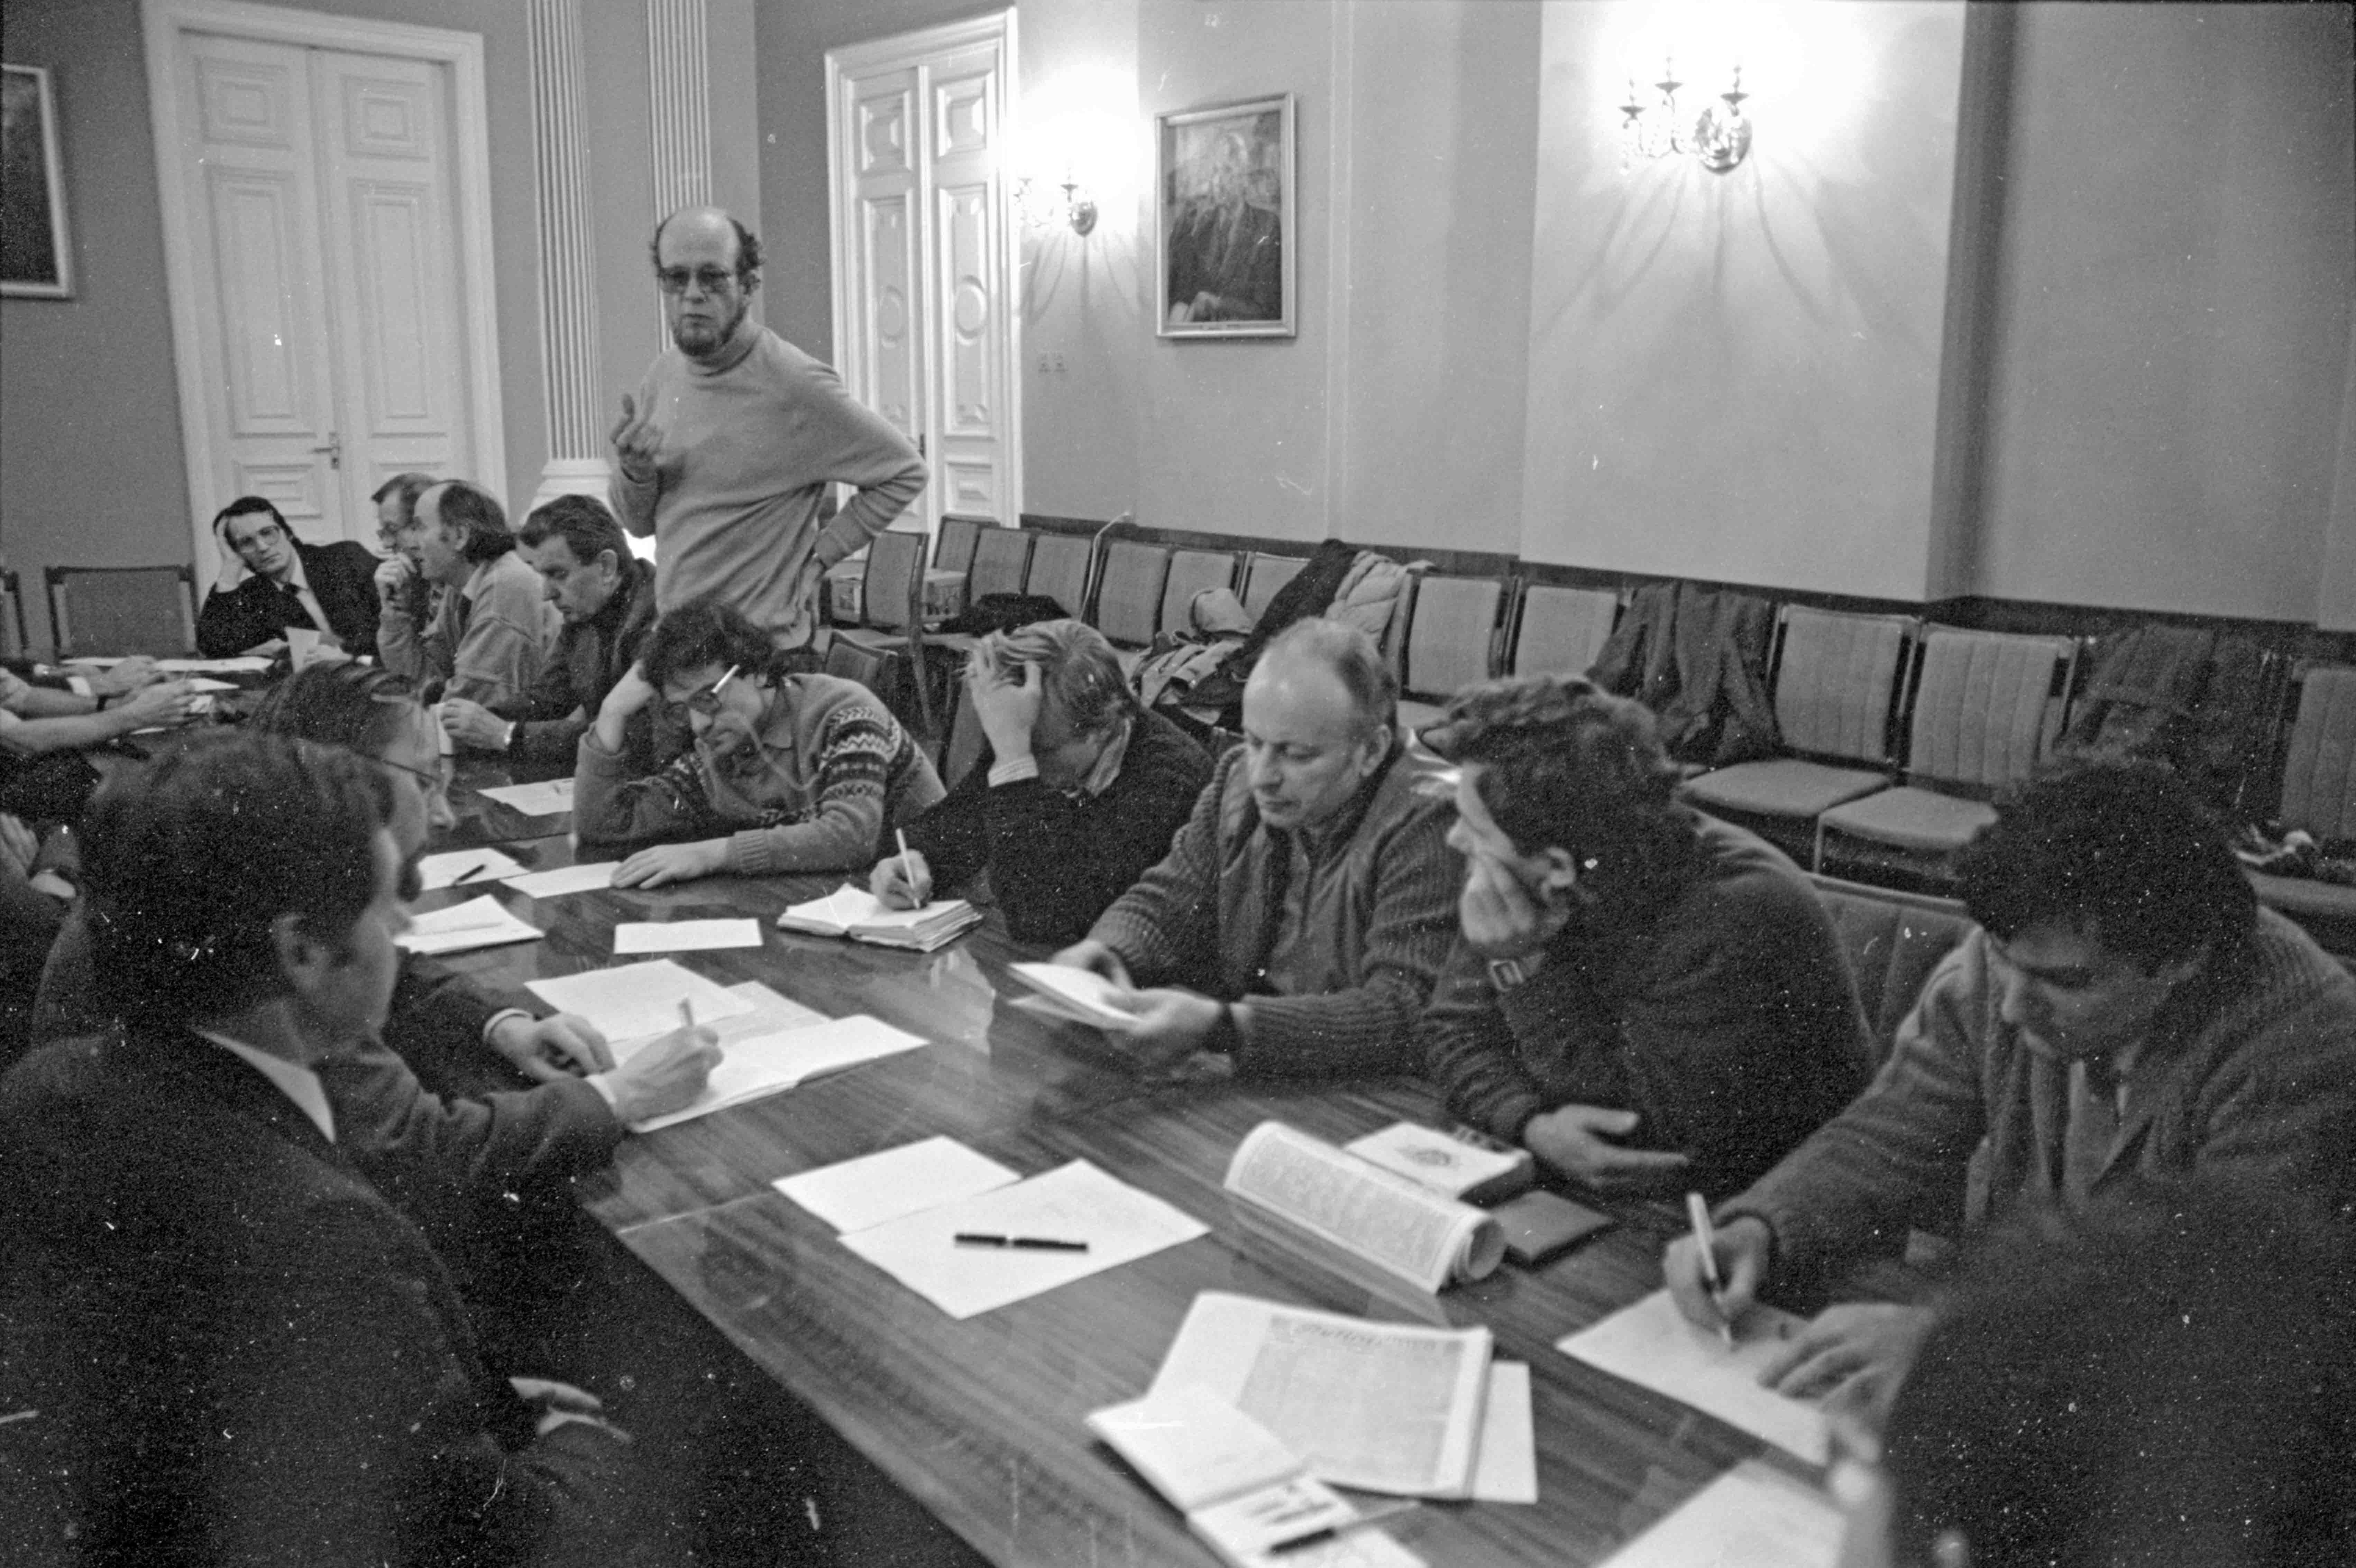 12. Lietuvos persitvarkymo sąjūdžio (LPS) Seimo Tarybos posėdis Rašytojų sąjungoje. Kairėje stalo pusėje sėdi Vytautas Landsbergis ir Kazimieras Antanavičius; dešinėje stalo pusėje (iš dešinės): 1 – Emanuelis Zingeris, 2 – Kazimieras Uoka, 3 – Raimundas Rajeckas, 5 – Zigmas Vaišvila, 6 - Vytautas Radžvilas, 7 – Arūnas Žebriūnas (stovi), 8 – Justinas Marcinkevičius, 9 – Julius Juzeliūnas, 10 – Vytautas Bubnys, 11 – Mečys Laurinkus. Vilnius1988 11 | LCVA, A. Žižiūno nuotr.